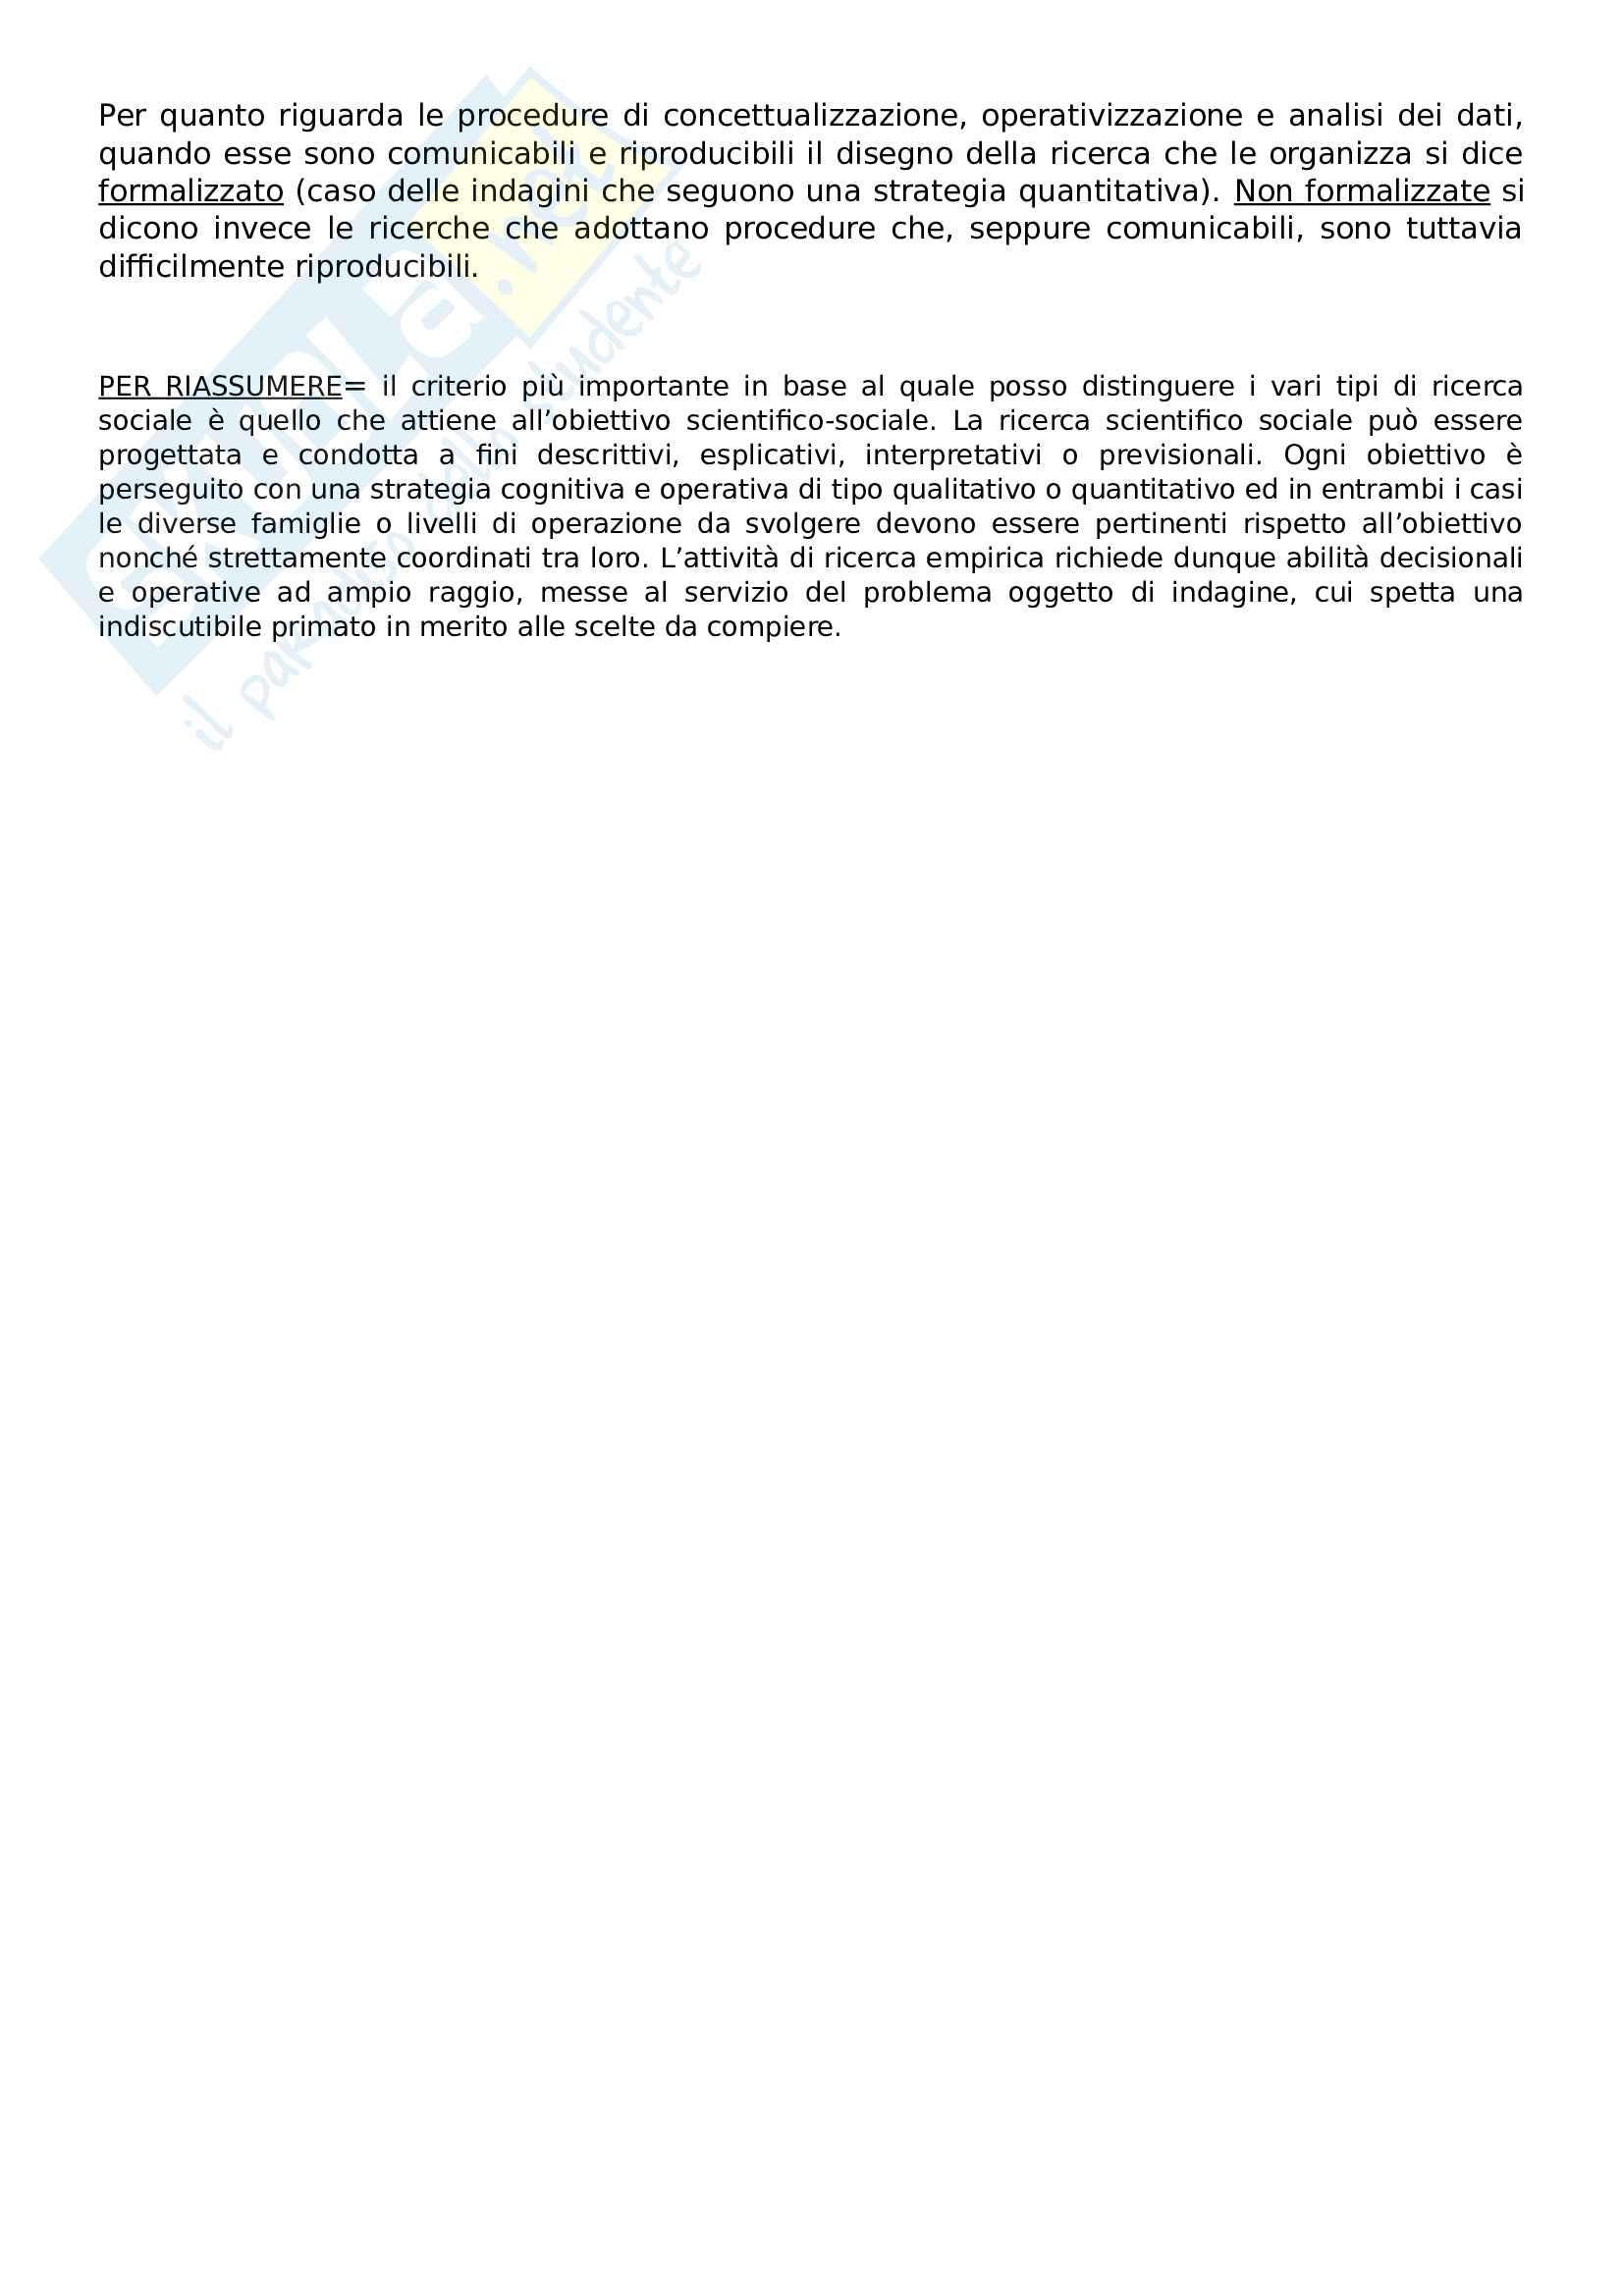 Riassunto esame metodologia della ricerca sociale, Prof Nobile, Prof Fasanella, libro consigliato Il disegno della ricerca sociale Pag. 21